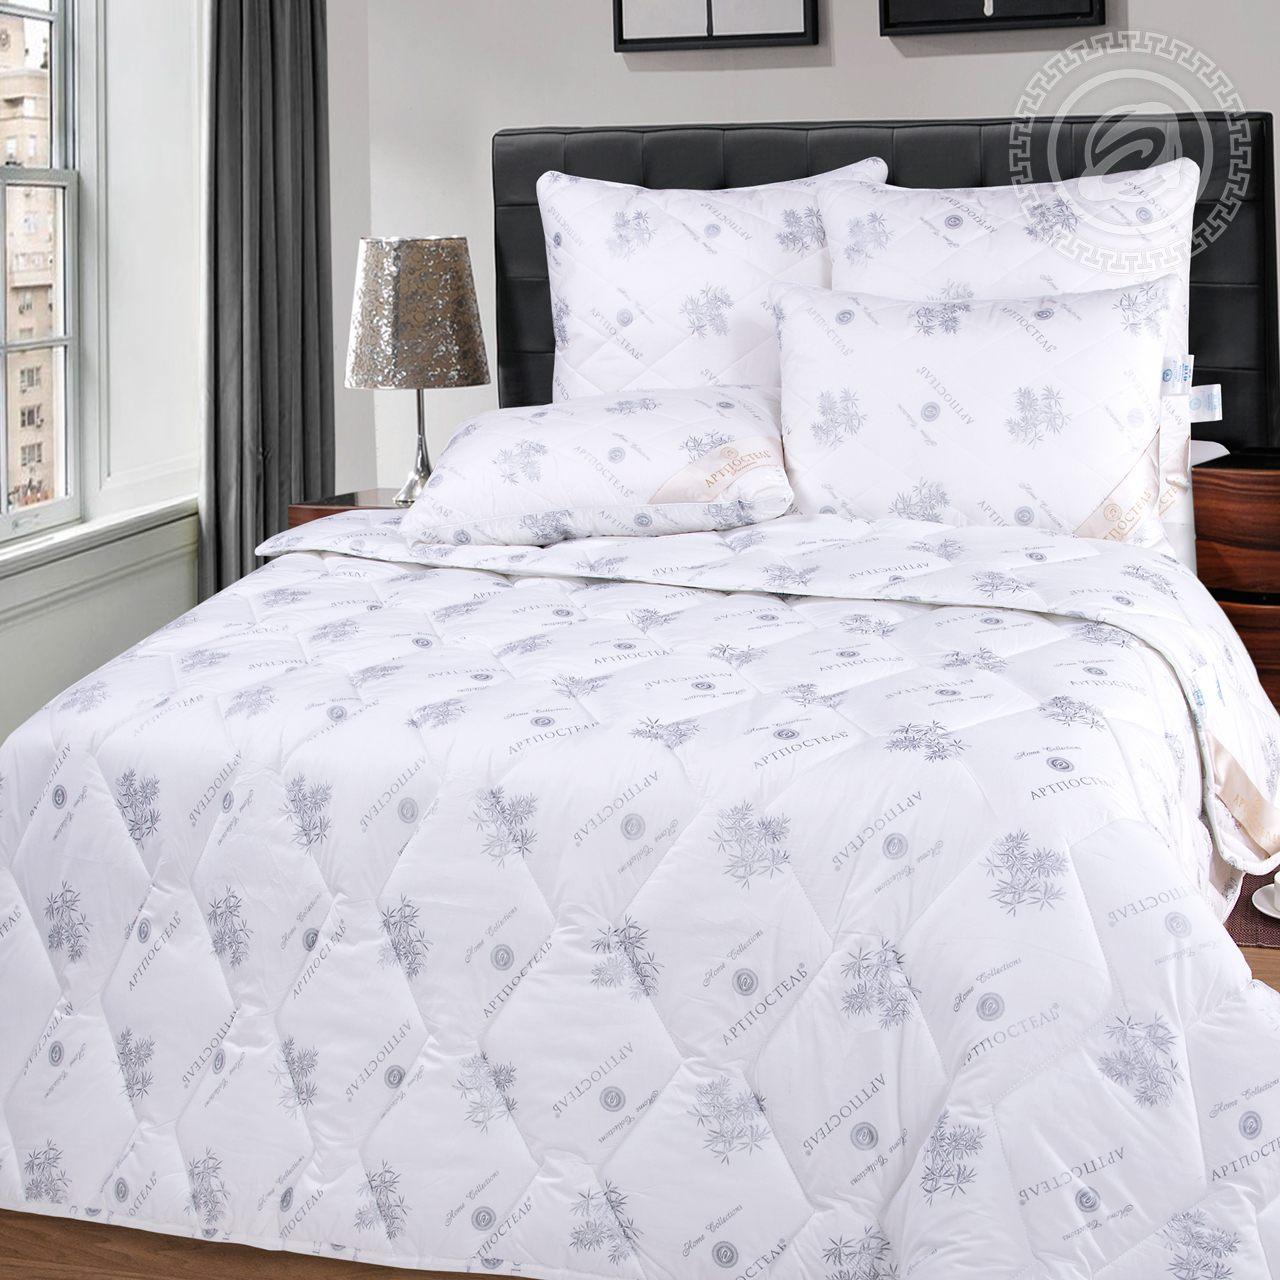 """Одеяло """"Бамбук Premium Облегченное"""" Белый р. 140х205 — Бамбук Premium Облегченное Белый"""